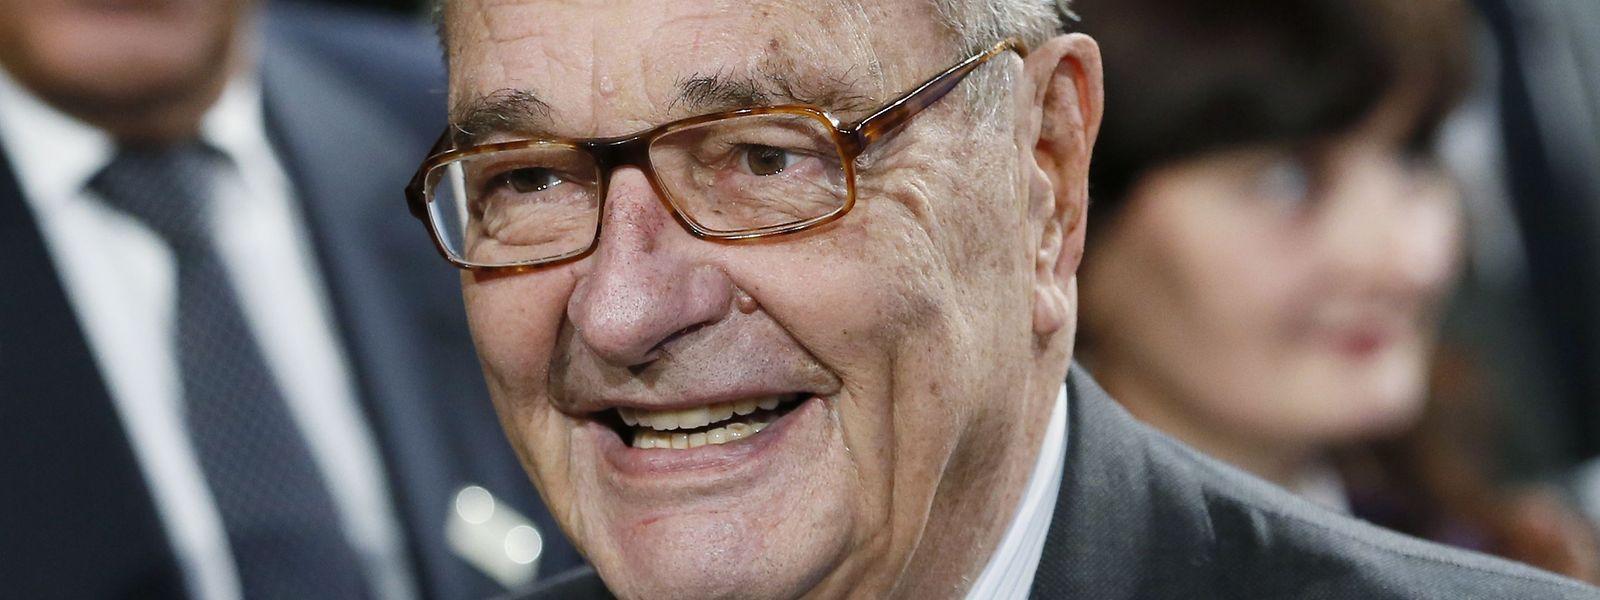 Jacques Chirac en 2014, affaibli par la maladie.